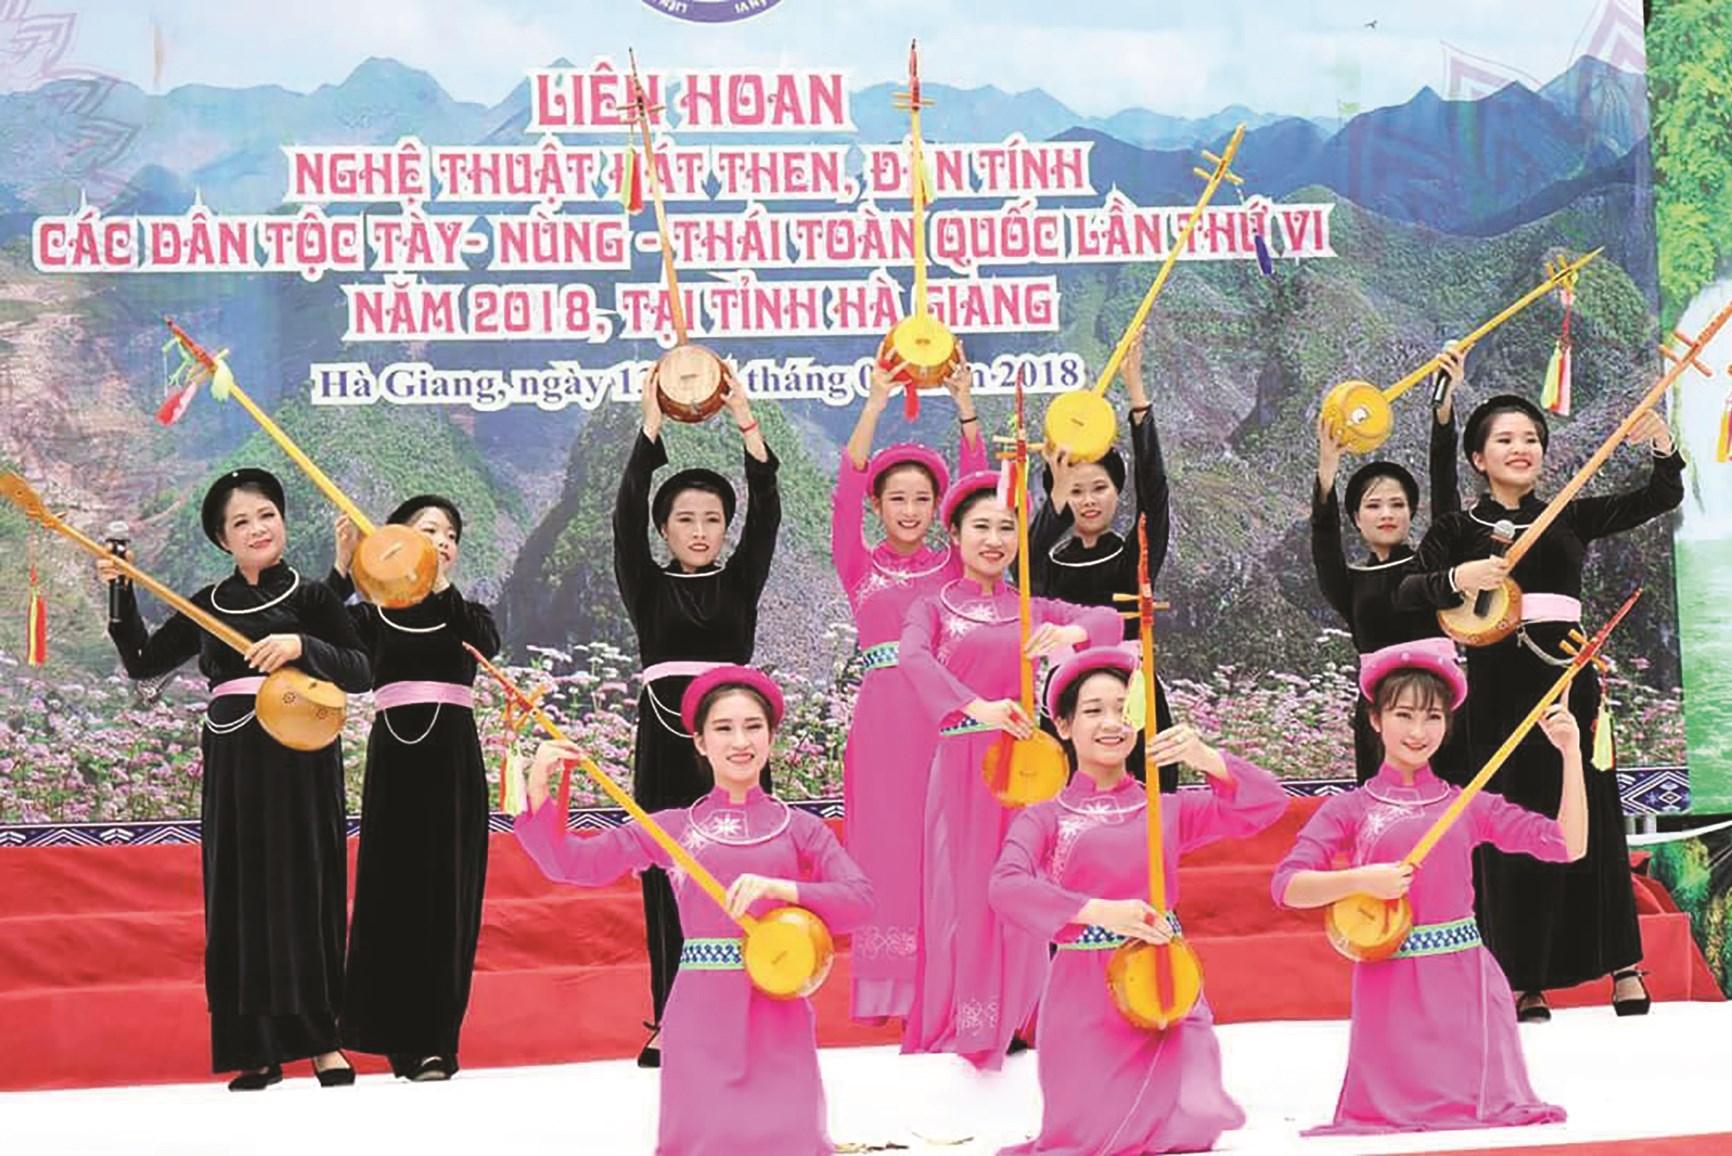 Đội văn nghệ biểu diễn Then huyện Lâm Bình đạt giải B toàn quốc năm 2018